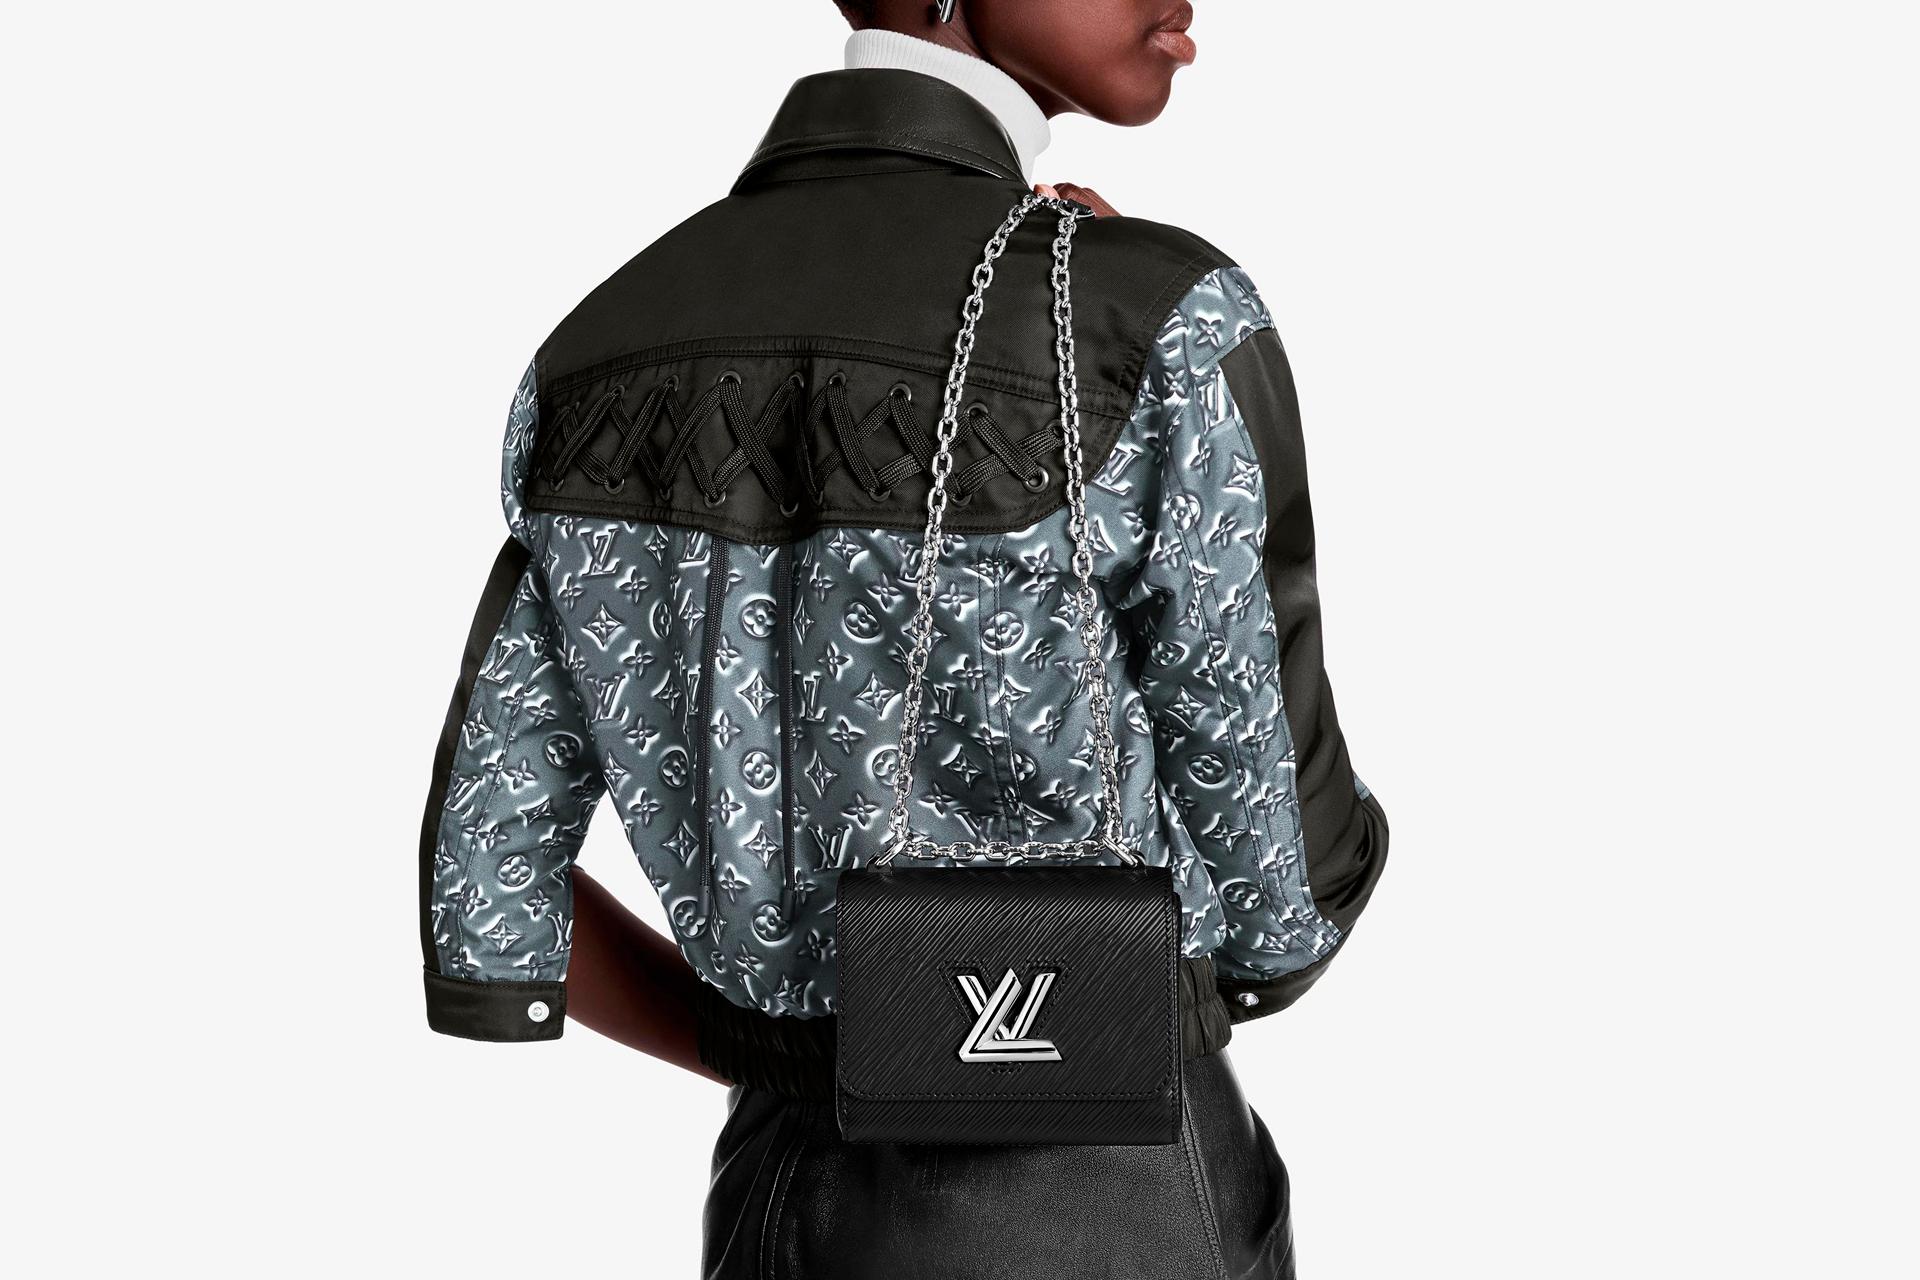 Louis Vuitton renueva el bolso Twist, el preferido de las celebrities